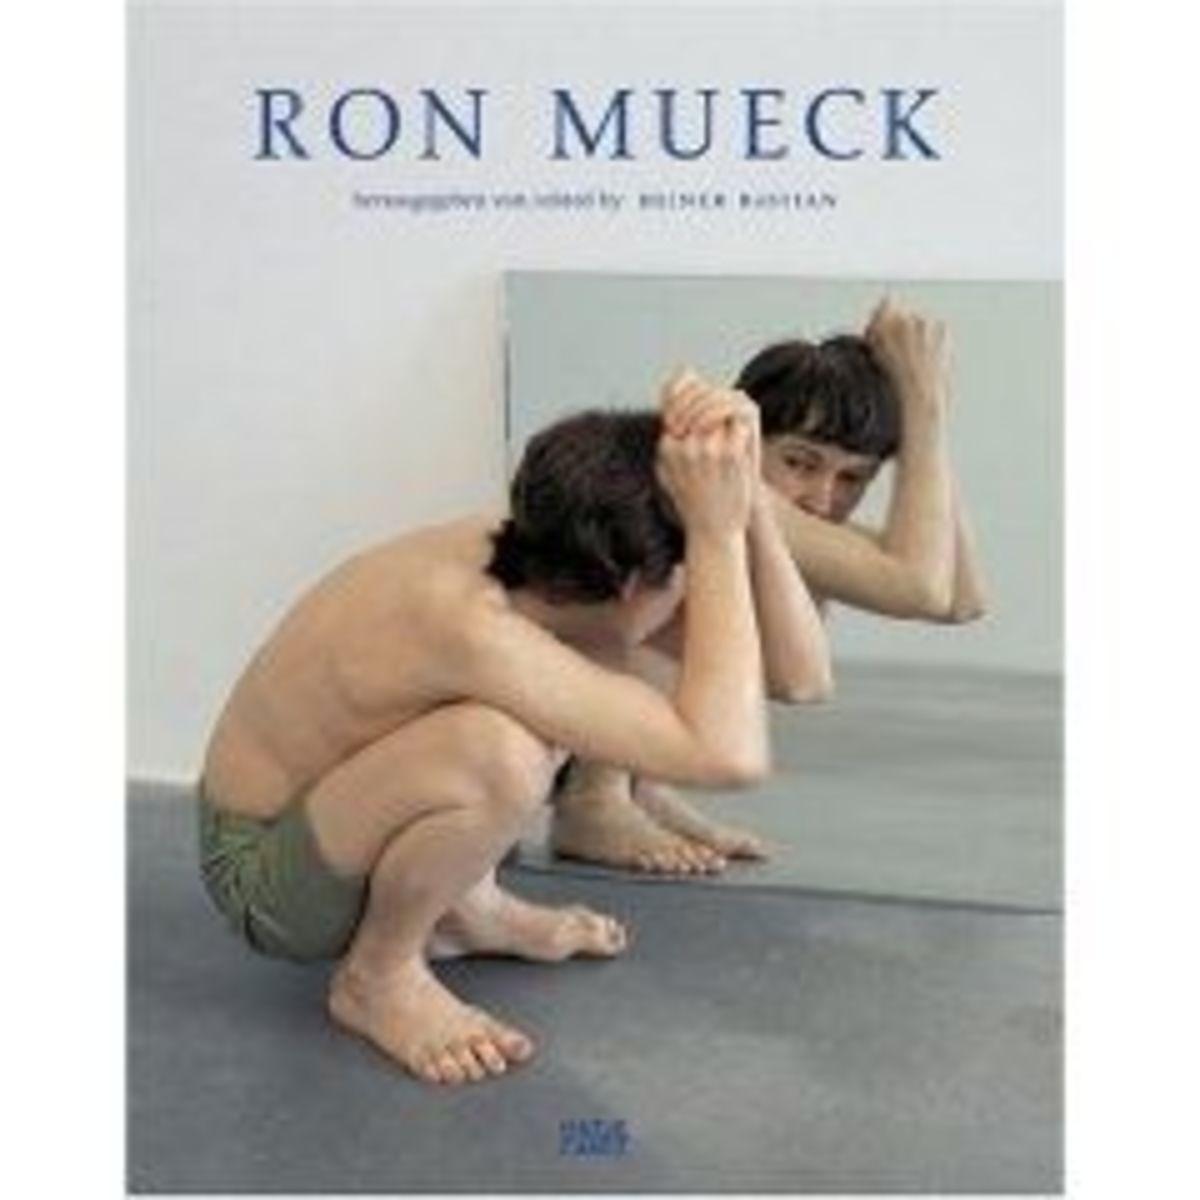 ronmueck